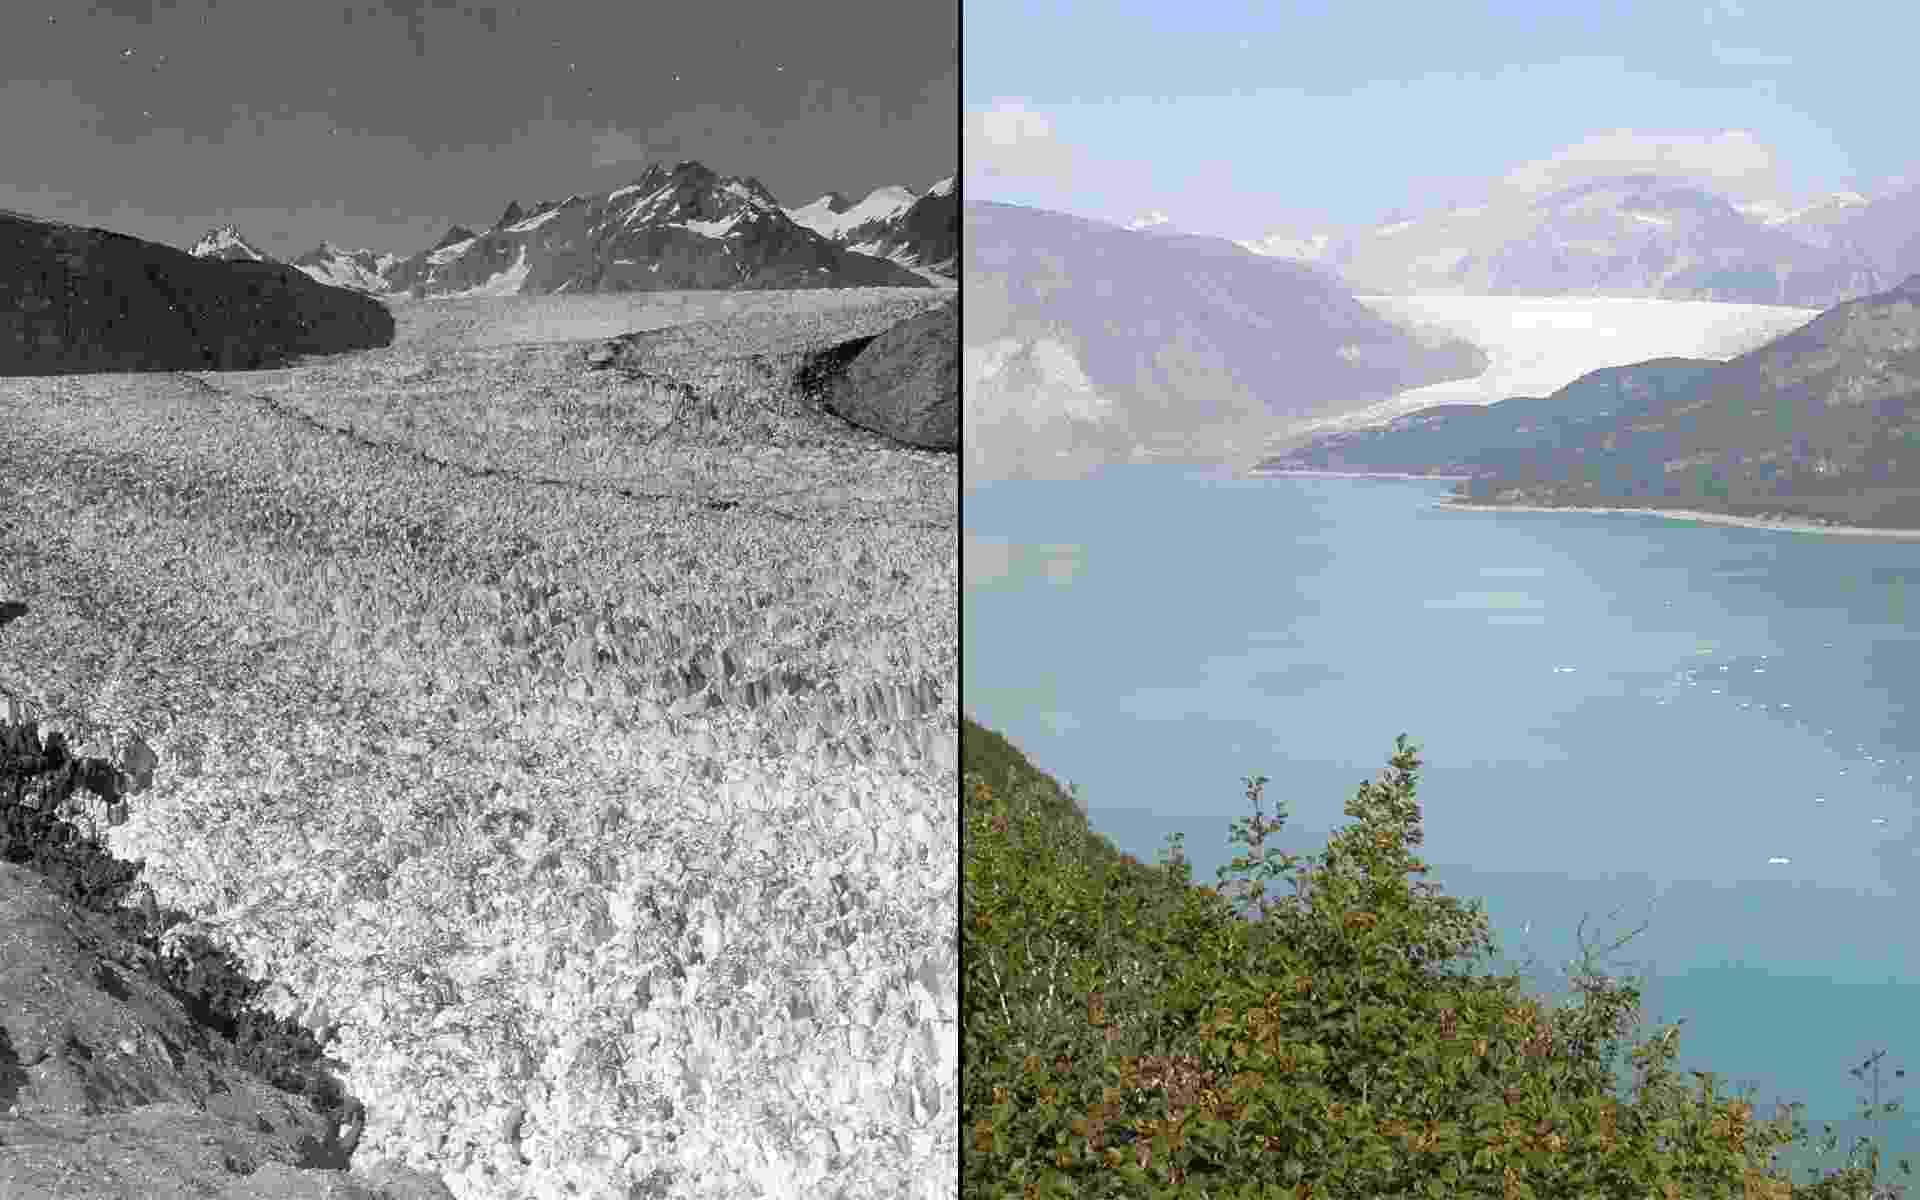 17.mar.2015 - Imagens da geleira de Muir, no Alaska. À esquerda, uma fotografia de 1941 comparada a outra de 2004 - 1941/Ulysses William O. Field; 2004/Bruce F. Molnia